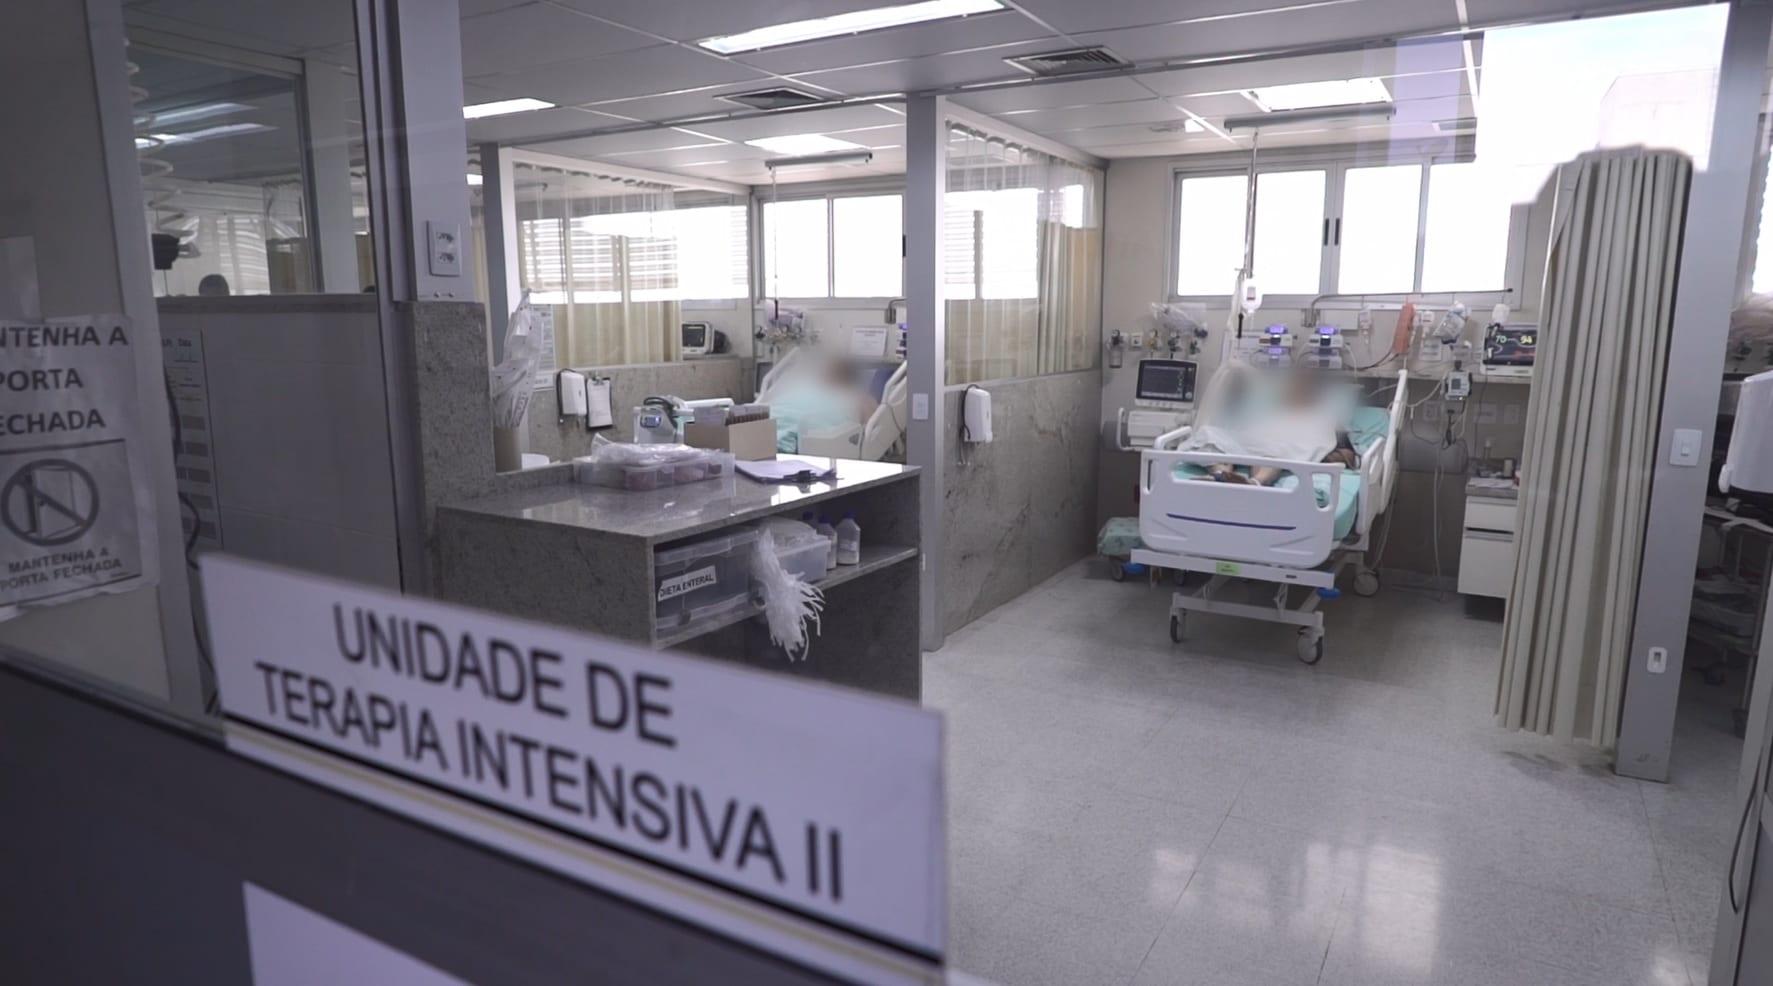 Foto: Divulgação / HU